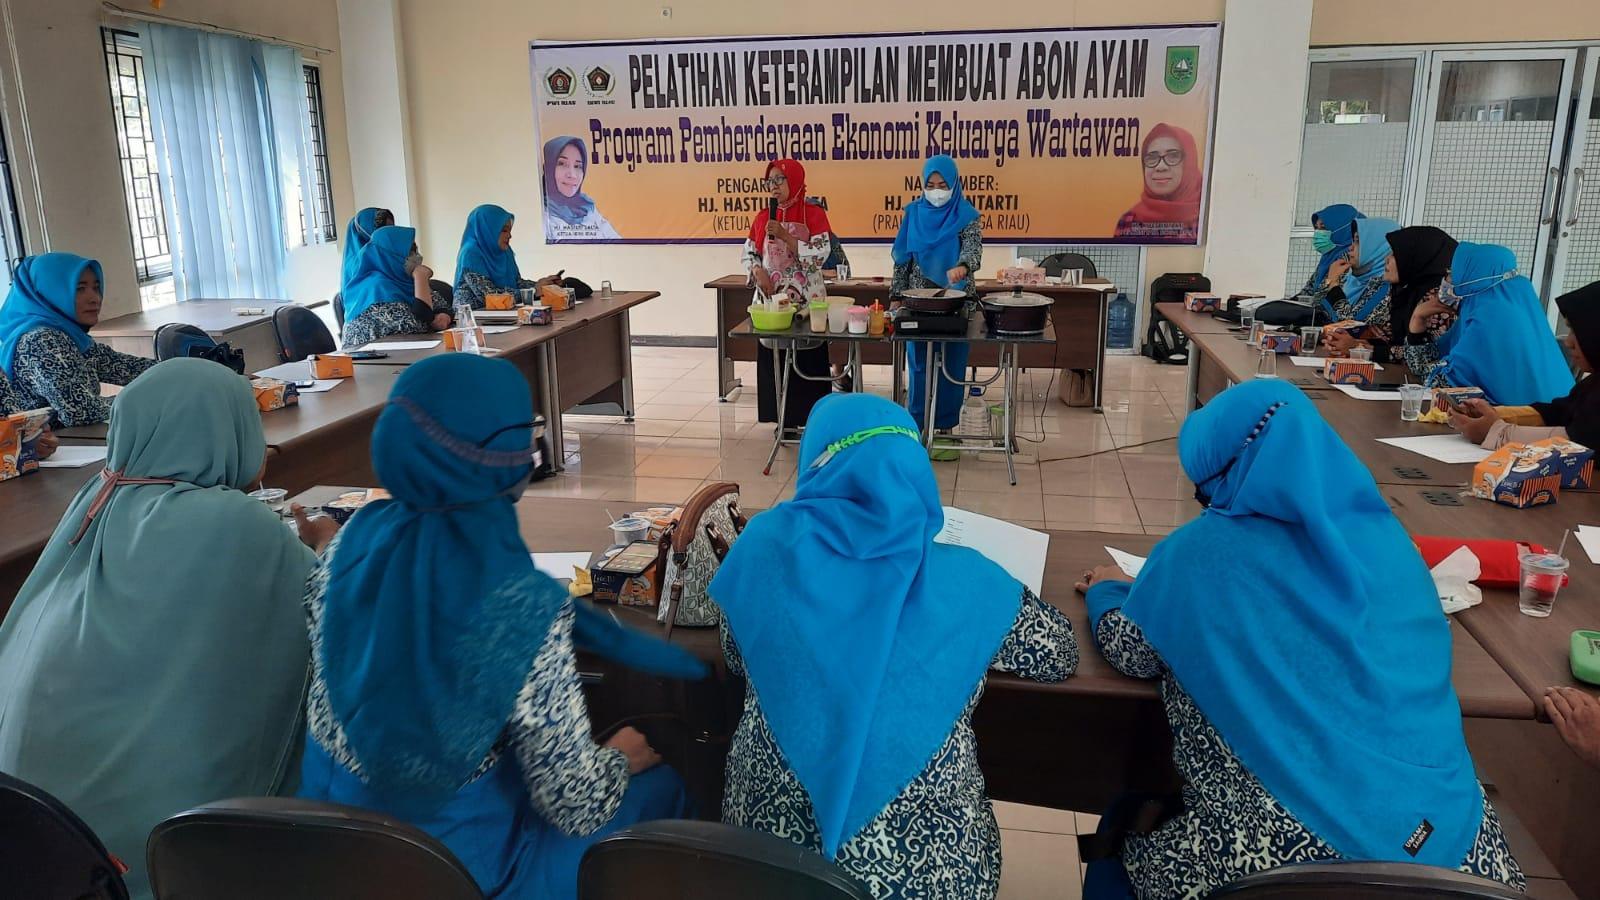 Gelar Pelatihan Keterampilan Membuat Abon Ayam, IKWI Riau Hadirkan Praktisi Tata Boga